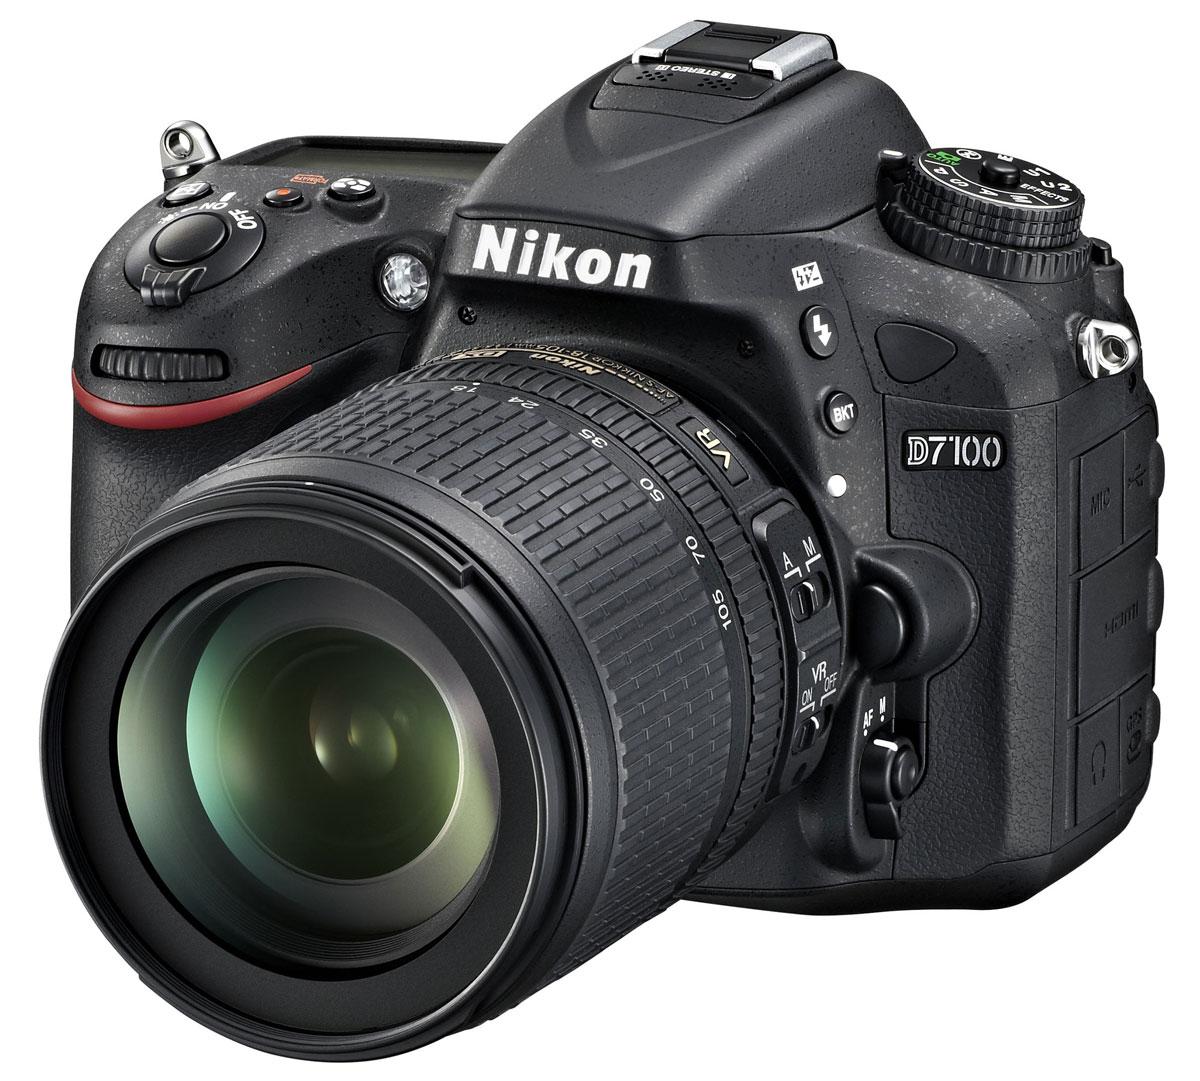 Nikon D7100 Kit 18-105 VR цифровая зеркальная фотокамераVBA360K001Производительная 24,1-мегапиксельная фотокамера Nikon D7100 формата DX позволит любителям фотосъемки создавать незабываемые динамичные фотографии. Эта многофункциональная, чрезвычайно легкая и компактная модель, заключенная в прочный корпус, позволяет расширить возможности фотосъемки. Благодаря 51-точечной системе АФ фотокамеры Nikon D7100 Вы можете воплощать в жизнь свое творческое видение на профессиональном уровне и при этом получать превосходные фотографии с высоким уровнем детализации, а также четкие и резкие видеоролики в формате Full HD. Расширенные возможности для получения изображений превосходного качества: Фотокамера Nikon D7100 оснащена множеством различных функций, благодаря которым перед Вами открываются неограниченные возможности для съемки, а также достигается невиданное ранее качество изображений. Мощная КМОП-матрица формата DX с разрешением 24,1 мегапикселя гарантирует получение резких и детализированных изображений. За счет того,...